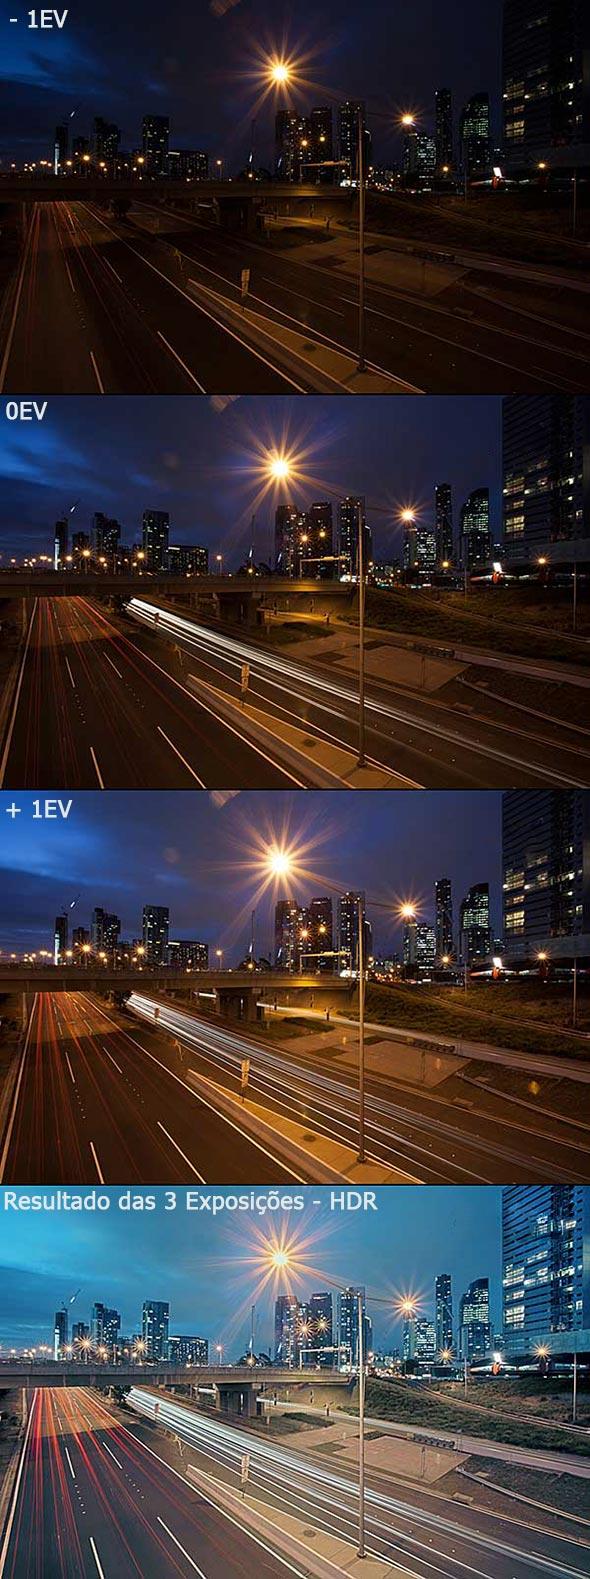 Subexposição (-1EV), Exposição Neutra (0EV), Superexposição (+1EV), e as três imagens combinadas. ©A. Wise